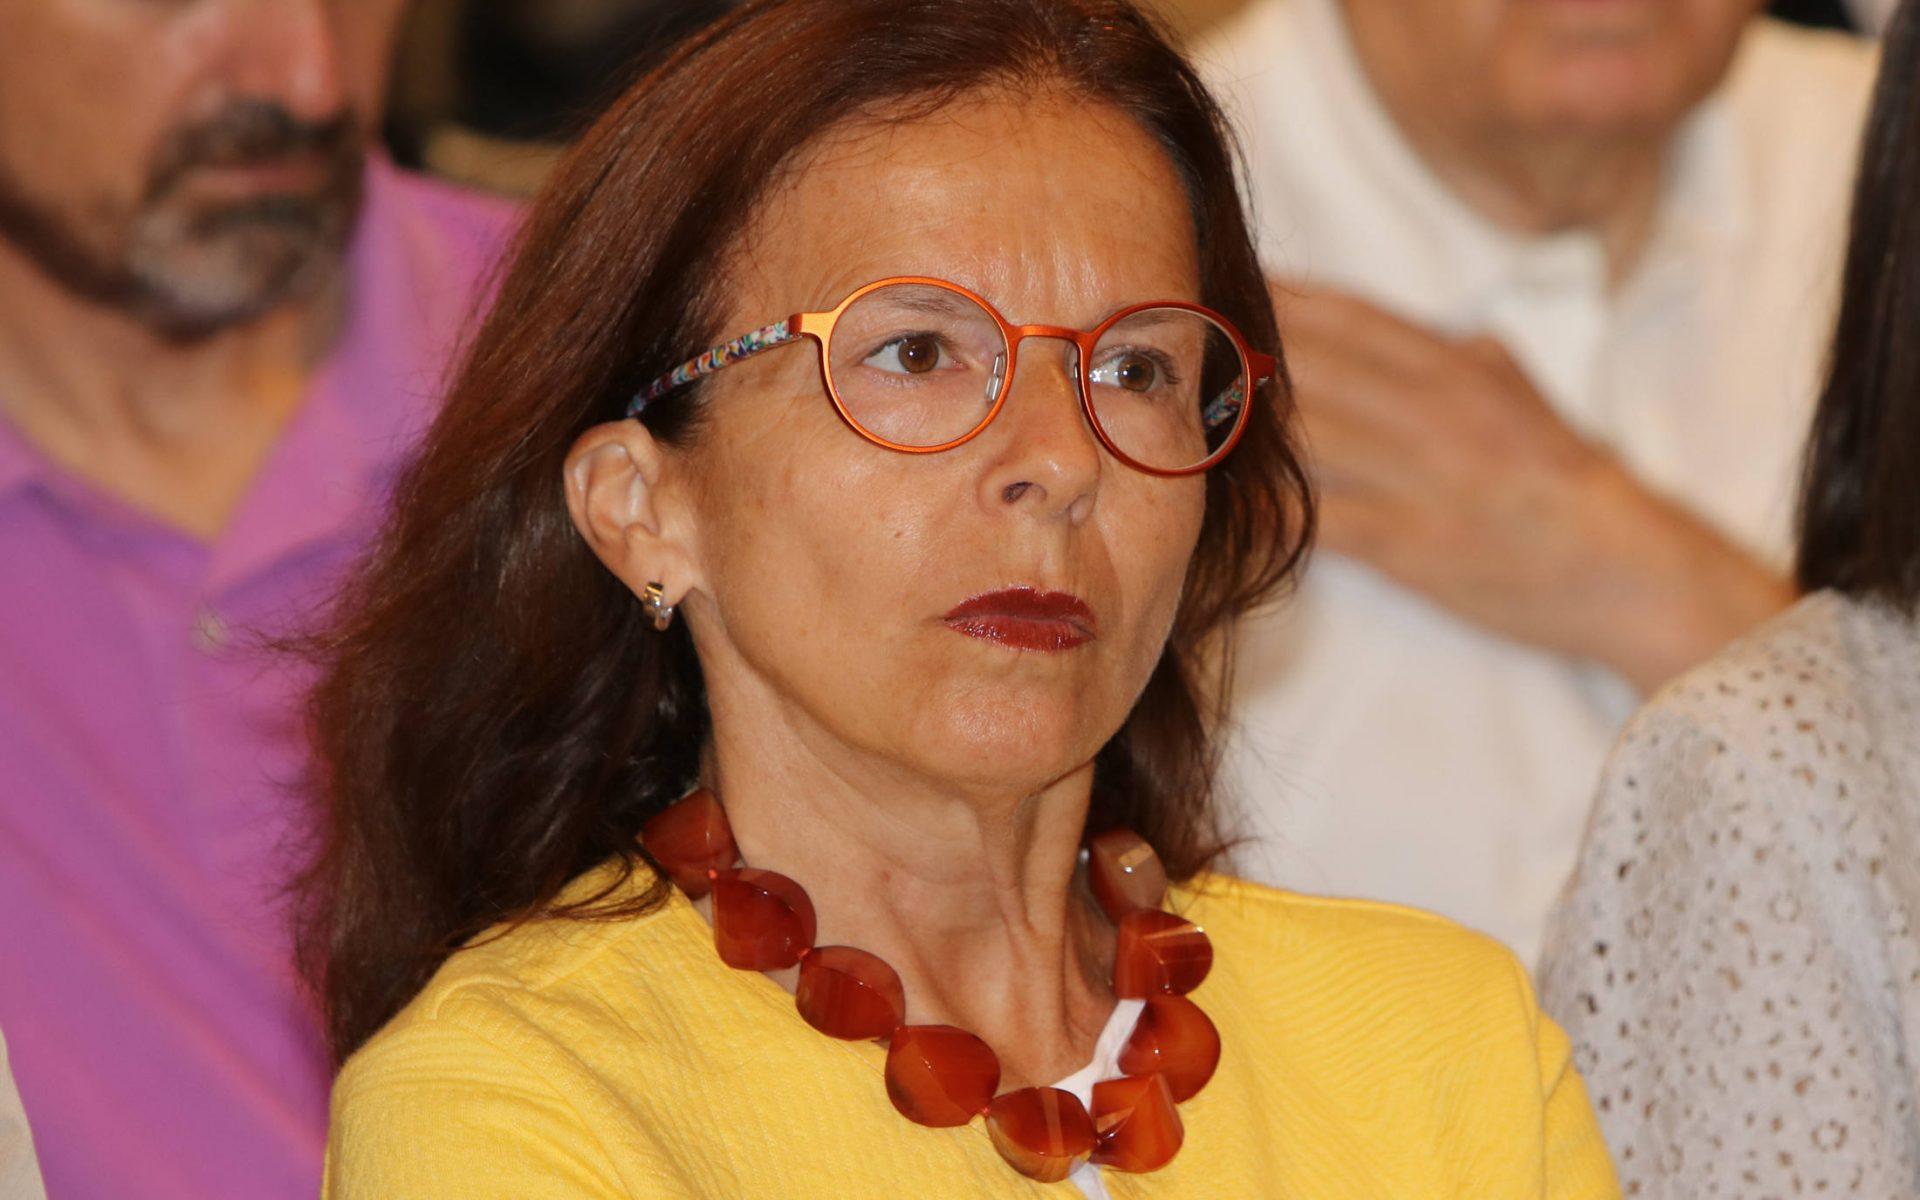 Assessore Edi Maria Neri: Anticorruzione, Trasparenza, Semplificazione, Patrimonio e Demanio, Affari legali. Programmazione approvvigionamenti